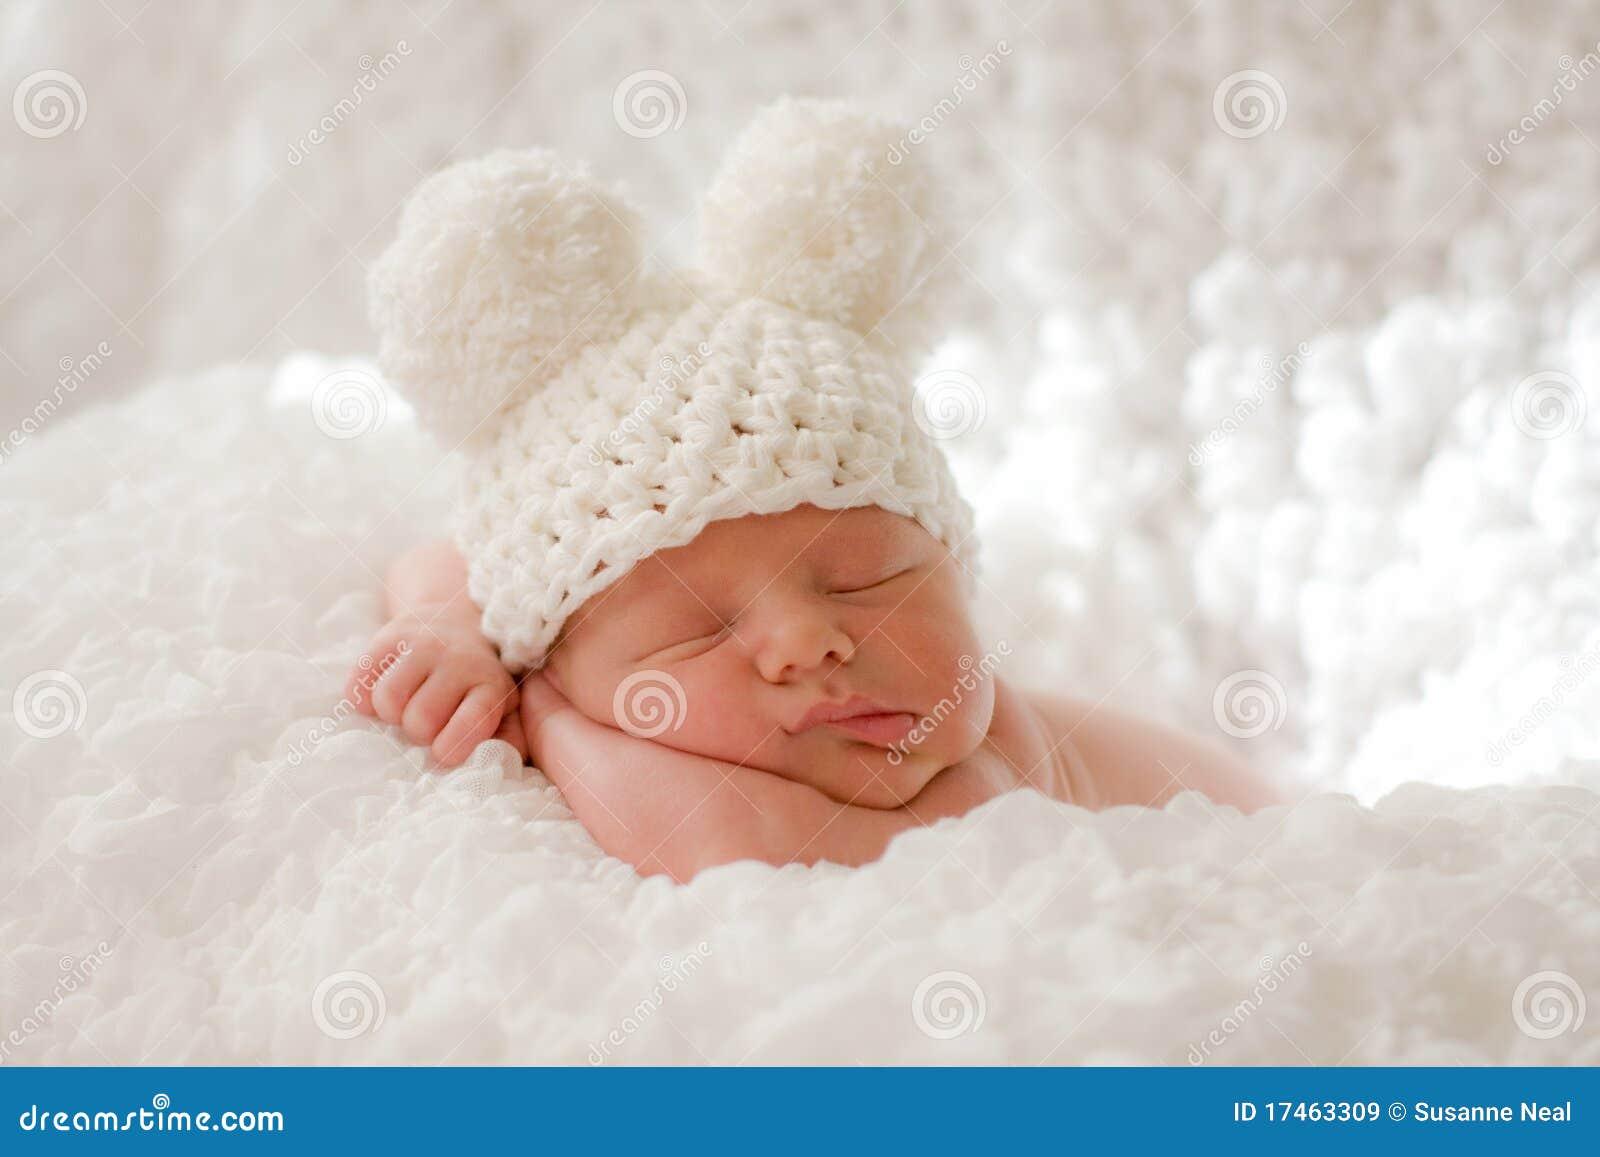 Slaap pasgeboren baby in gebreid GLB